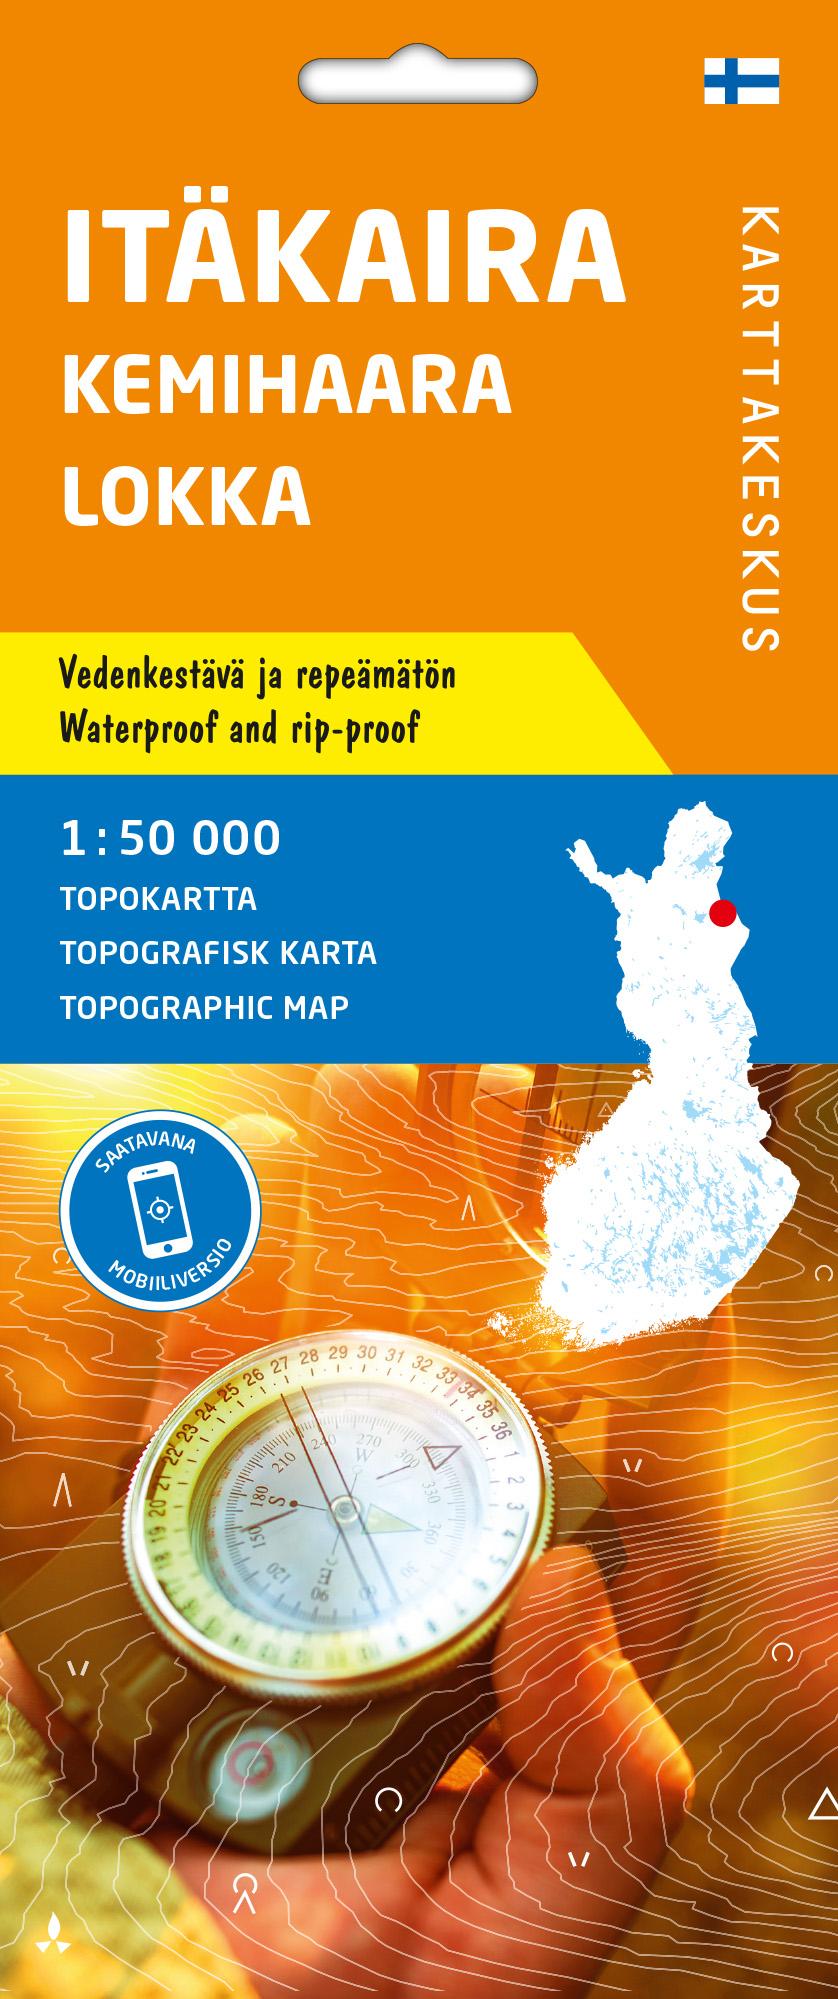 Itäkaira Kemihaara Lokka, Topokartta 1:50 000